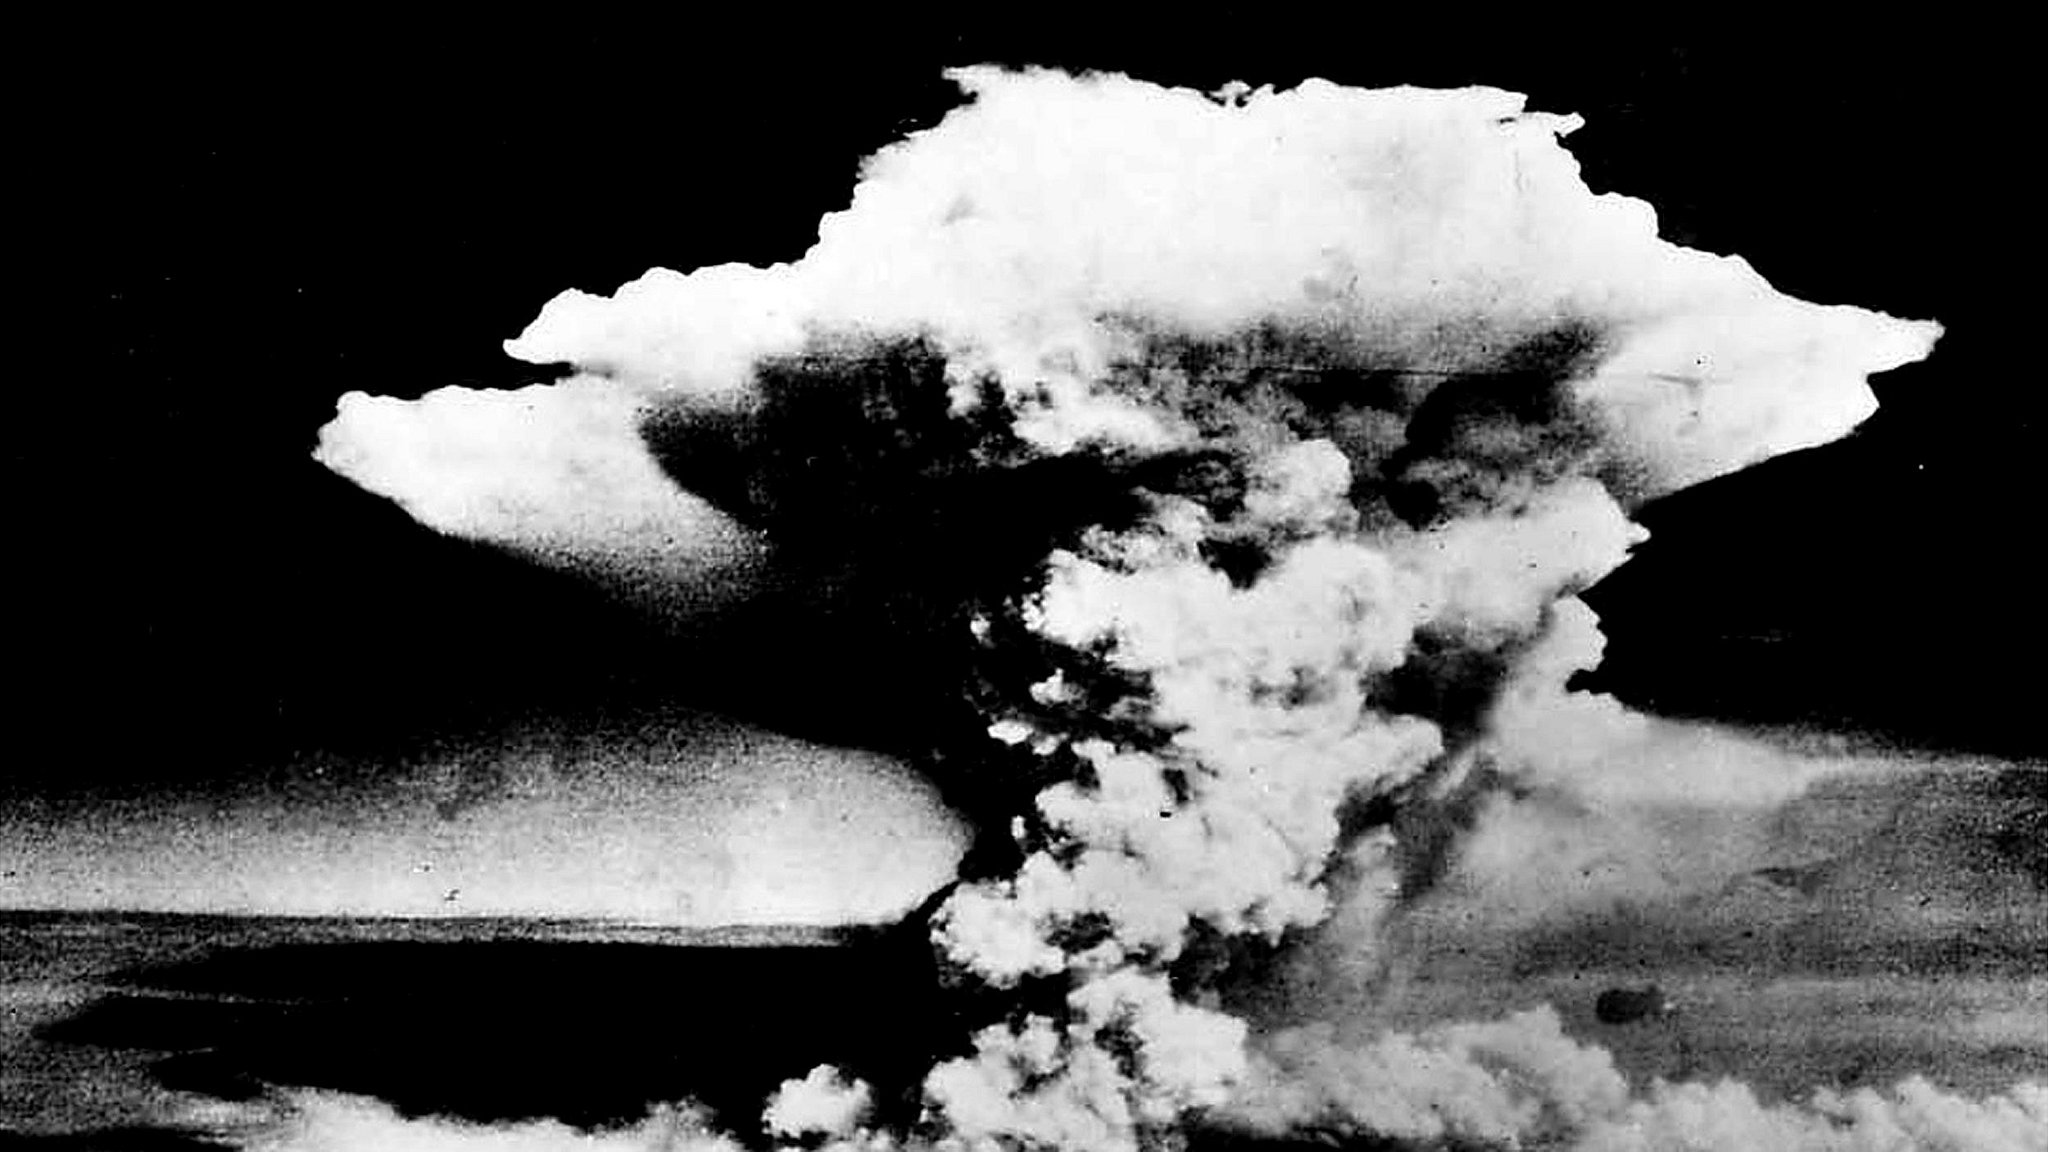 Hiroshima - mushroom cloud